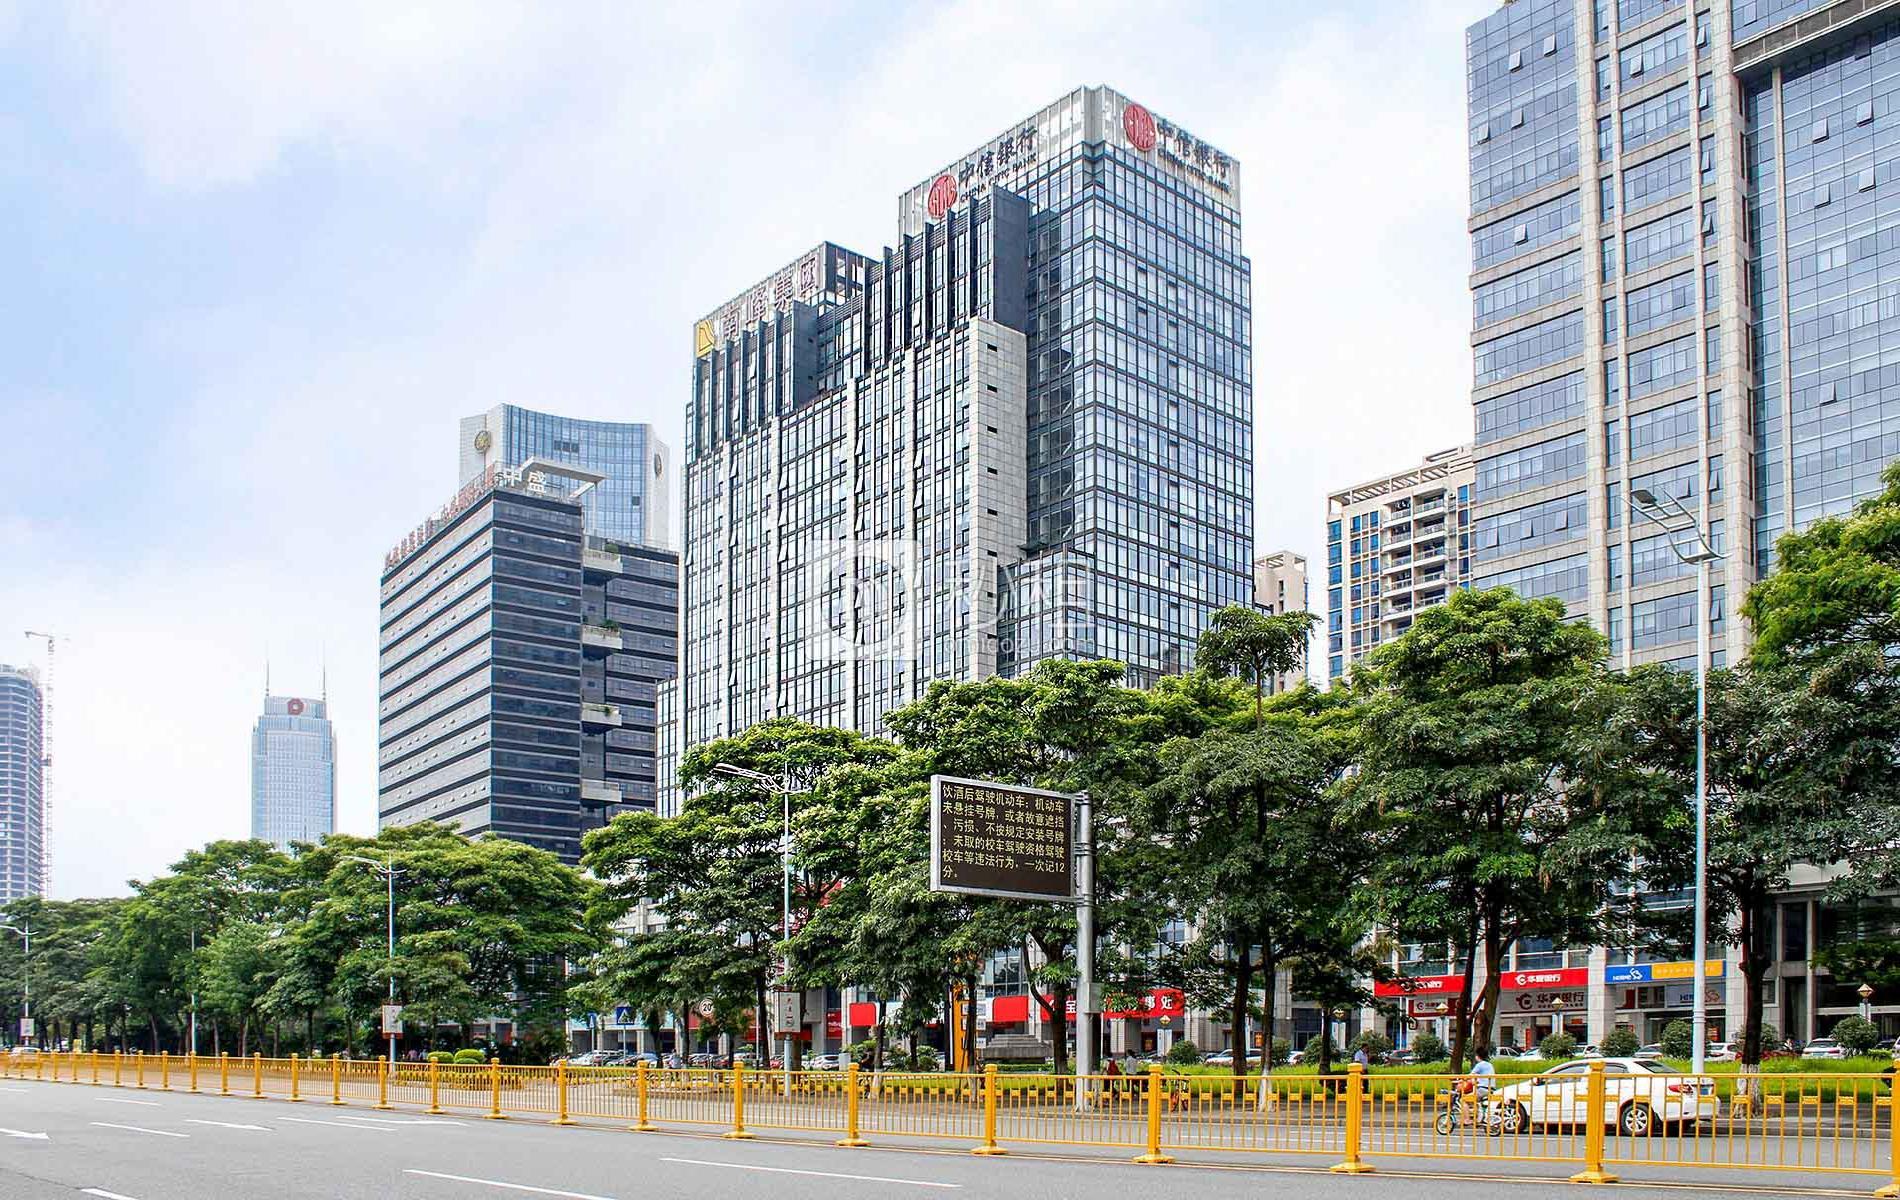 南峰中心写字楼出租/招租/租赁,南峰中心办公室出租/招租/租赁